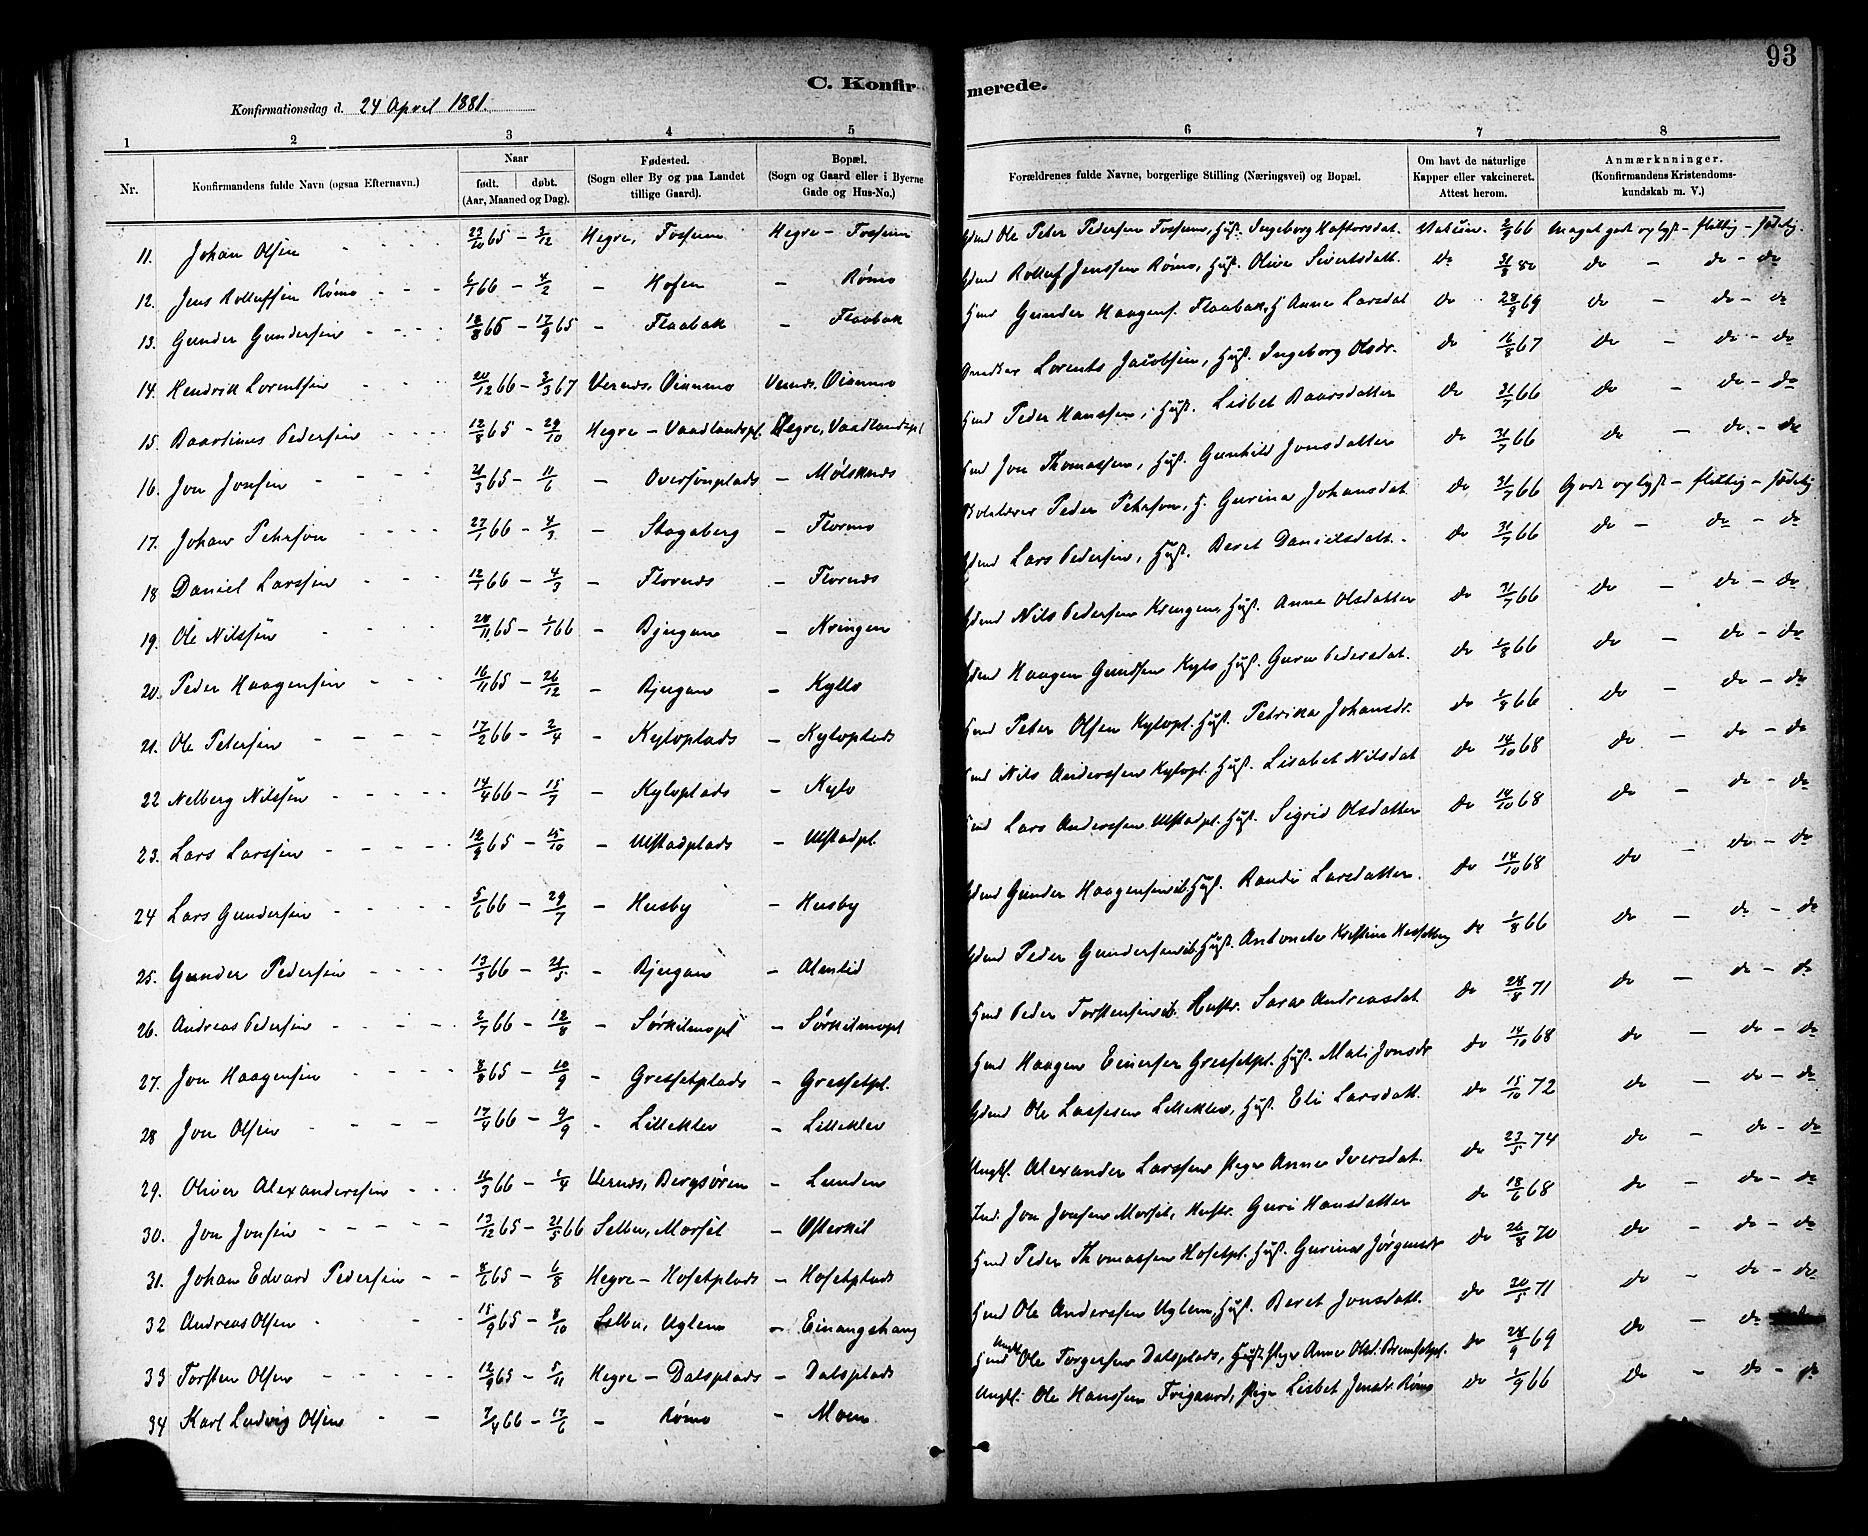 SAT, Ministerialprotokoller, klokkerbøker og fødselsregistre - Nord-Trøndelag, 703/L0030: Ministerialbok nr. 703A03, 1880-1892, s. 93